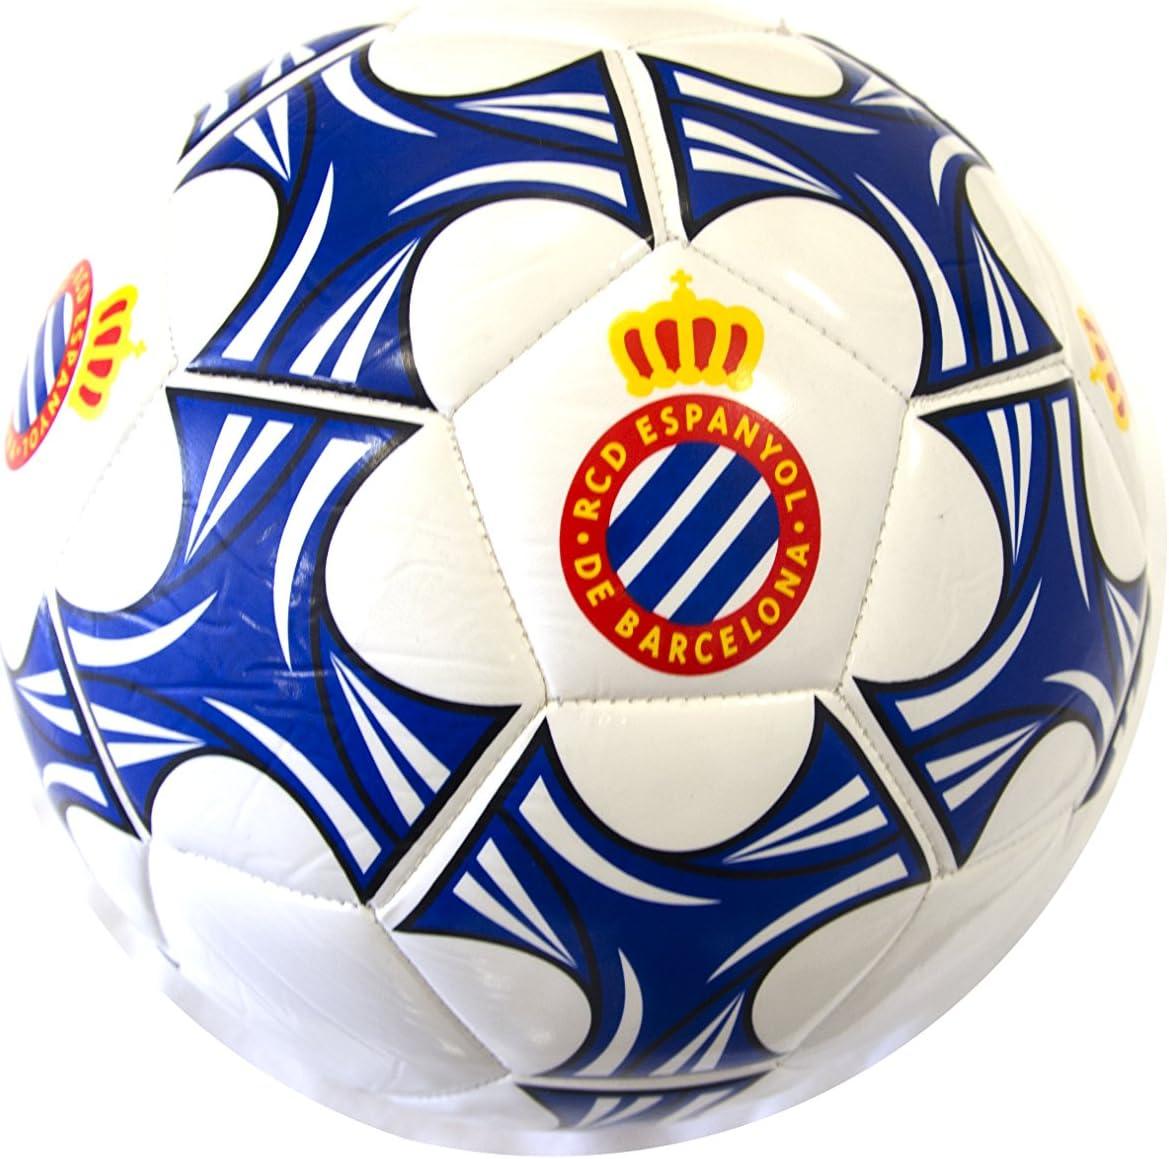 RCD Espanyol Balesp Balón, Azul/Blanco, Talla Única: Amazon.es ...